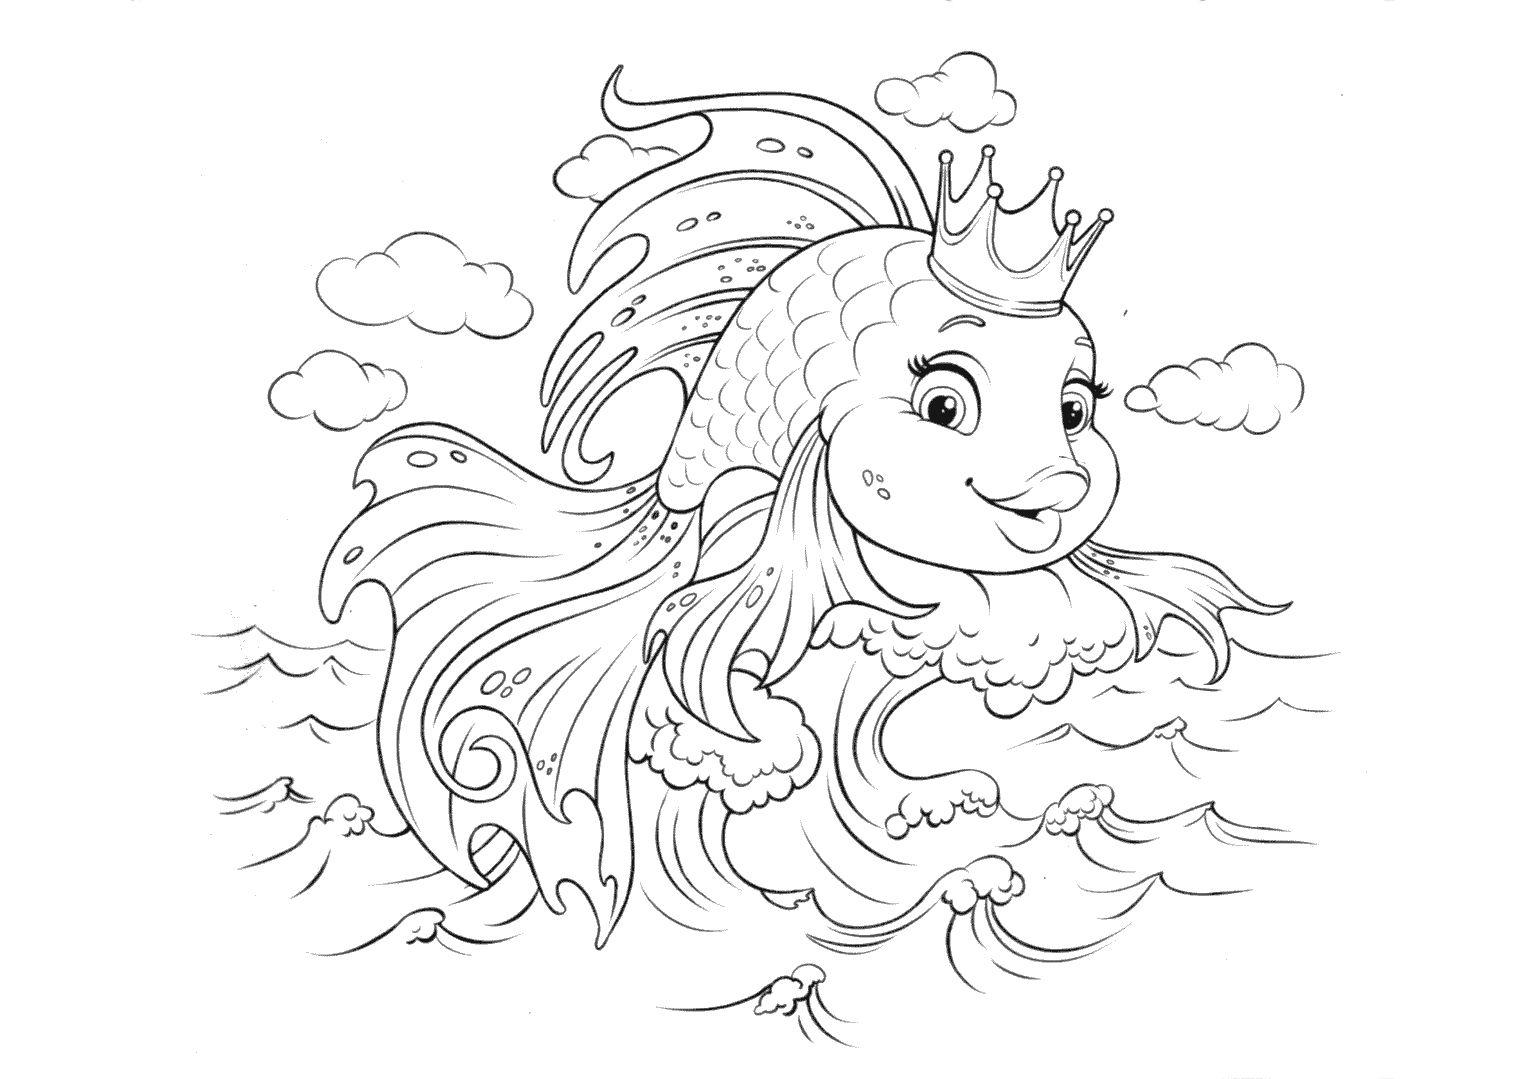 Золотая рыбка с короной - razukrashki.com | Золотая рыбка ...